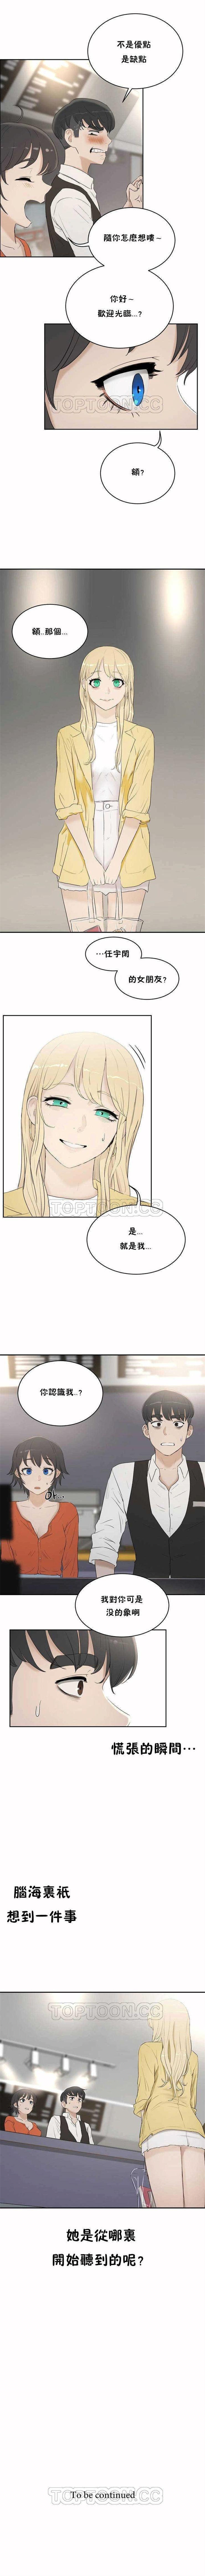 性教育 1-48.5 中文翻译(完結) 37